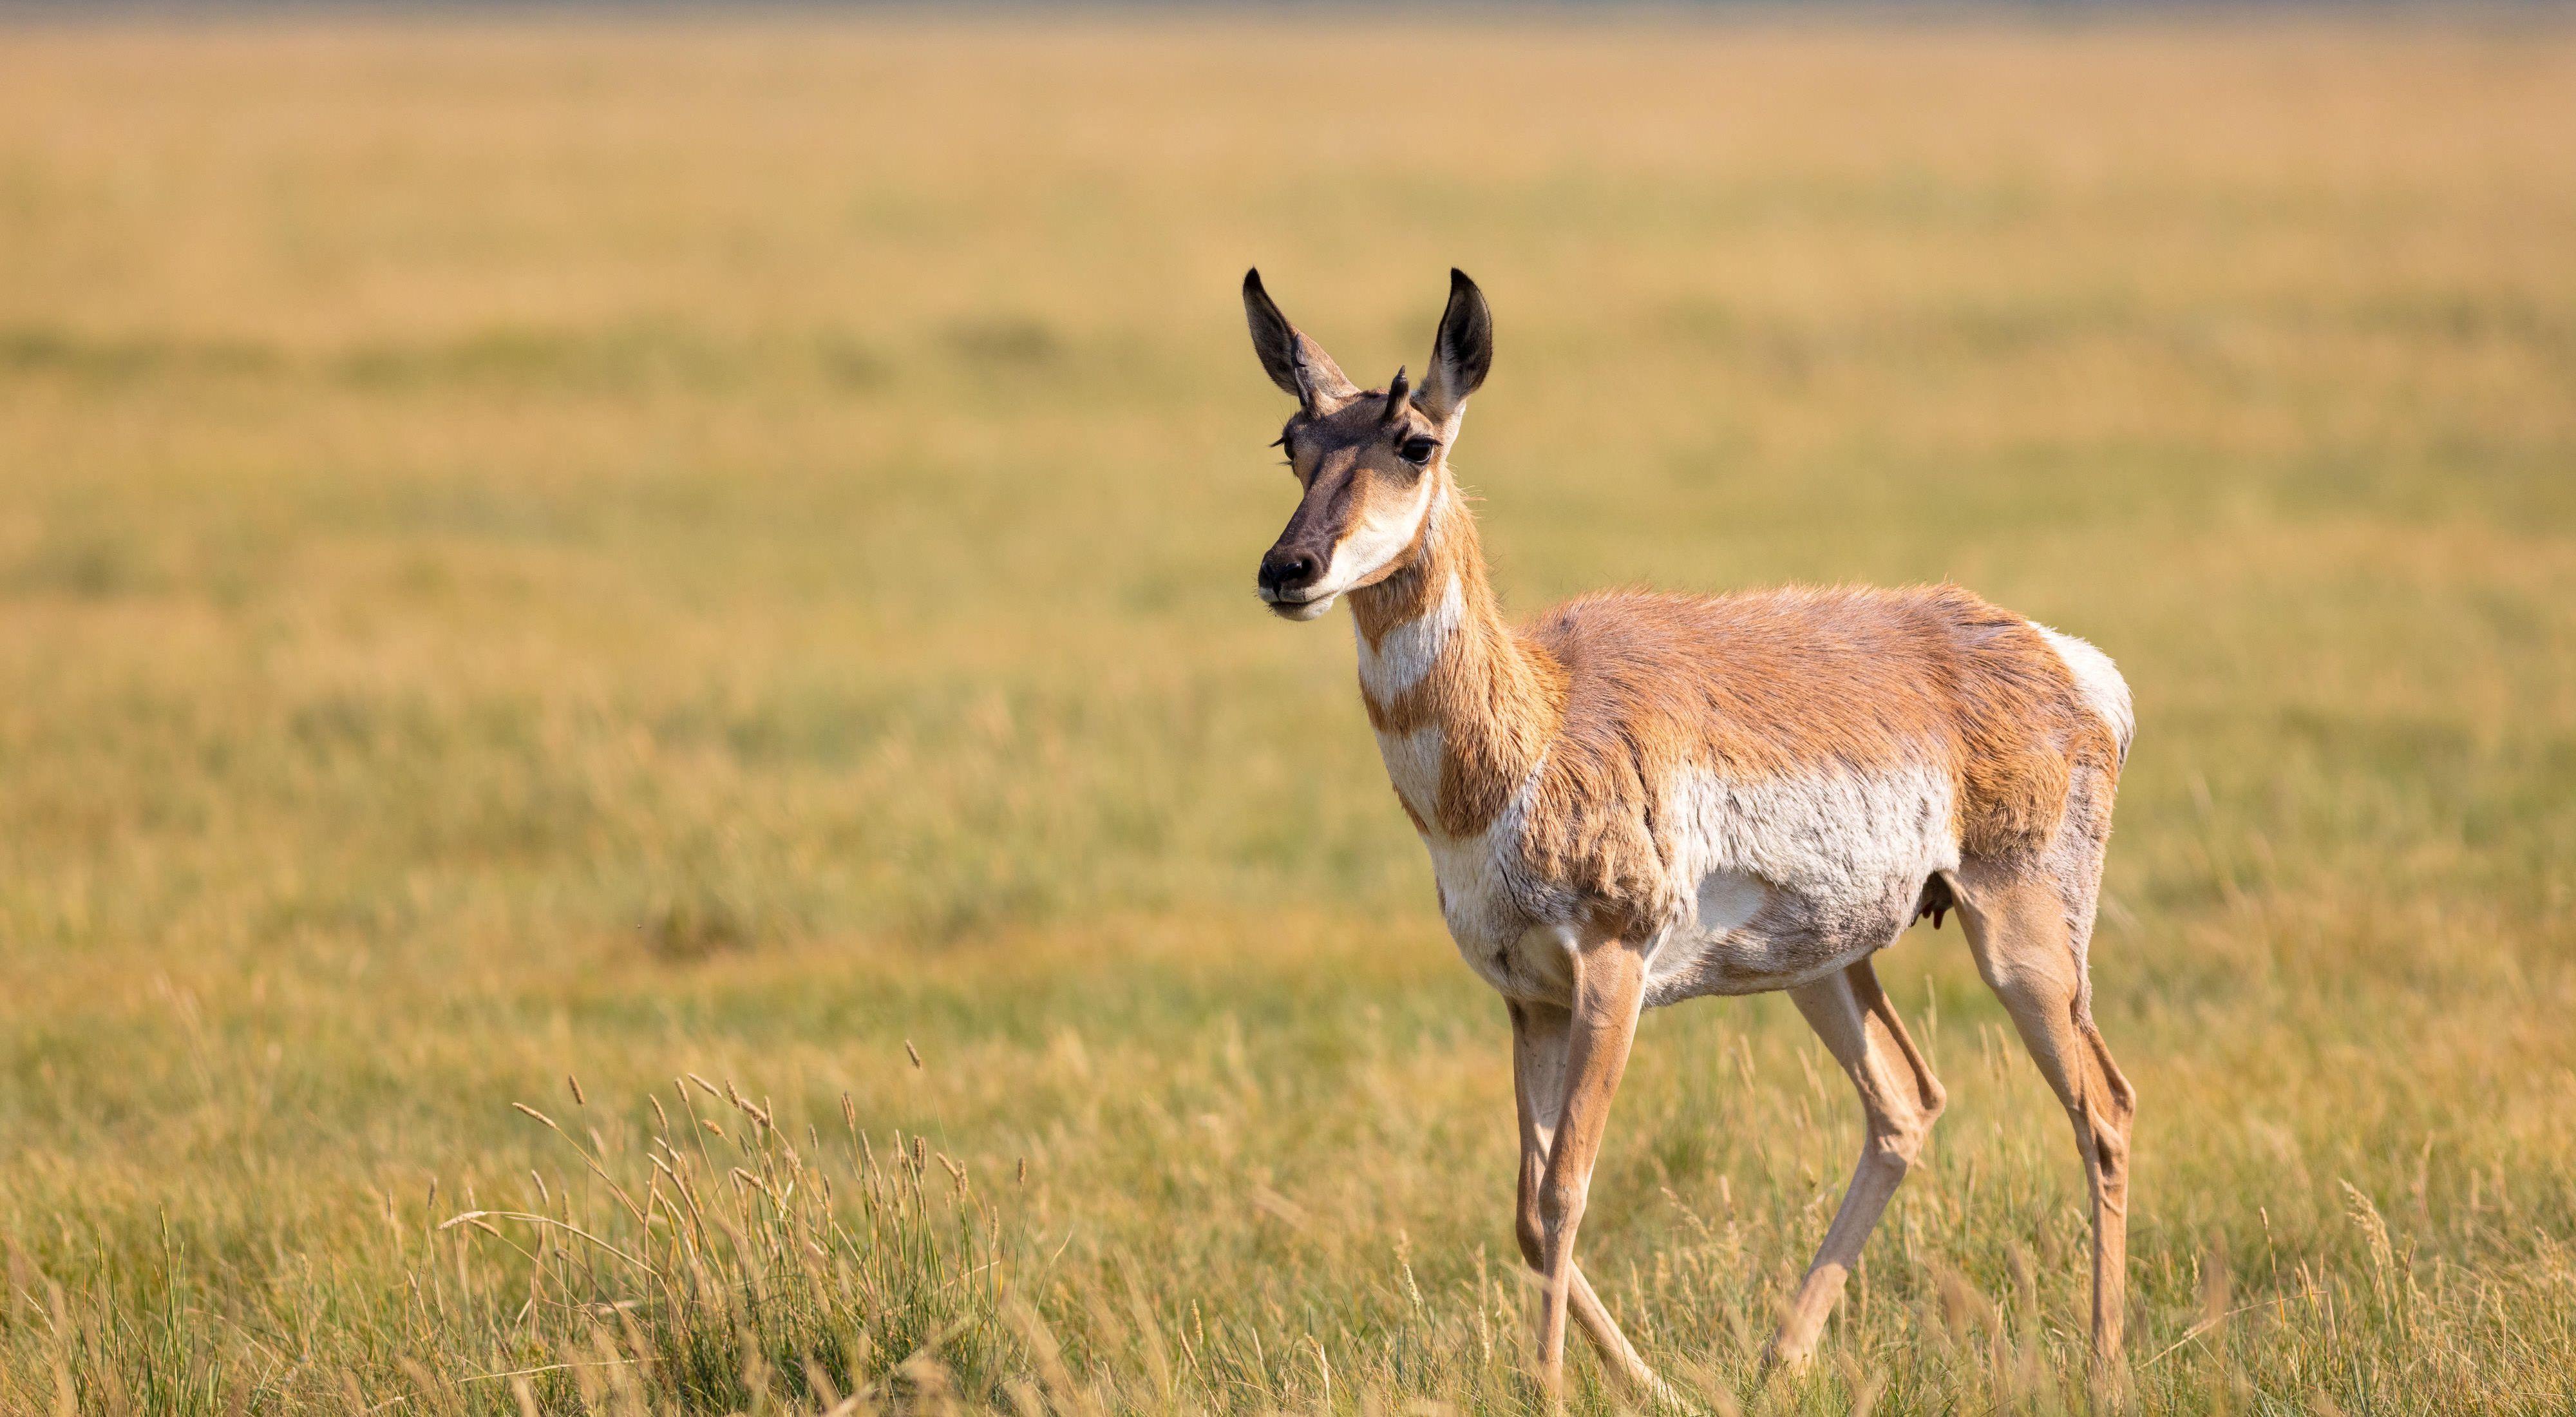 A pronghorn antelope standing in an open grassland.